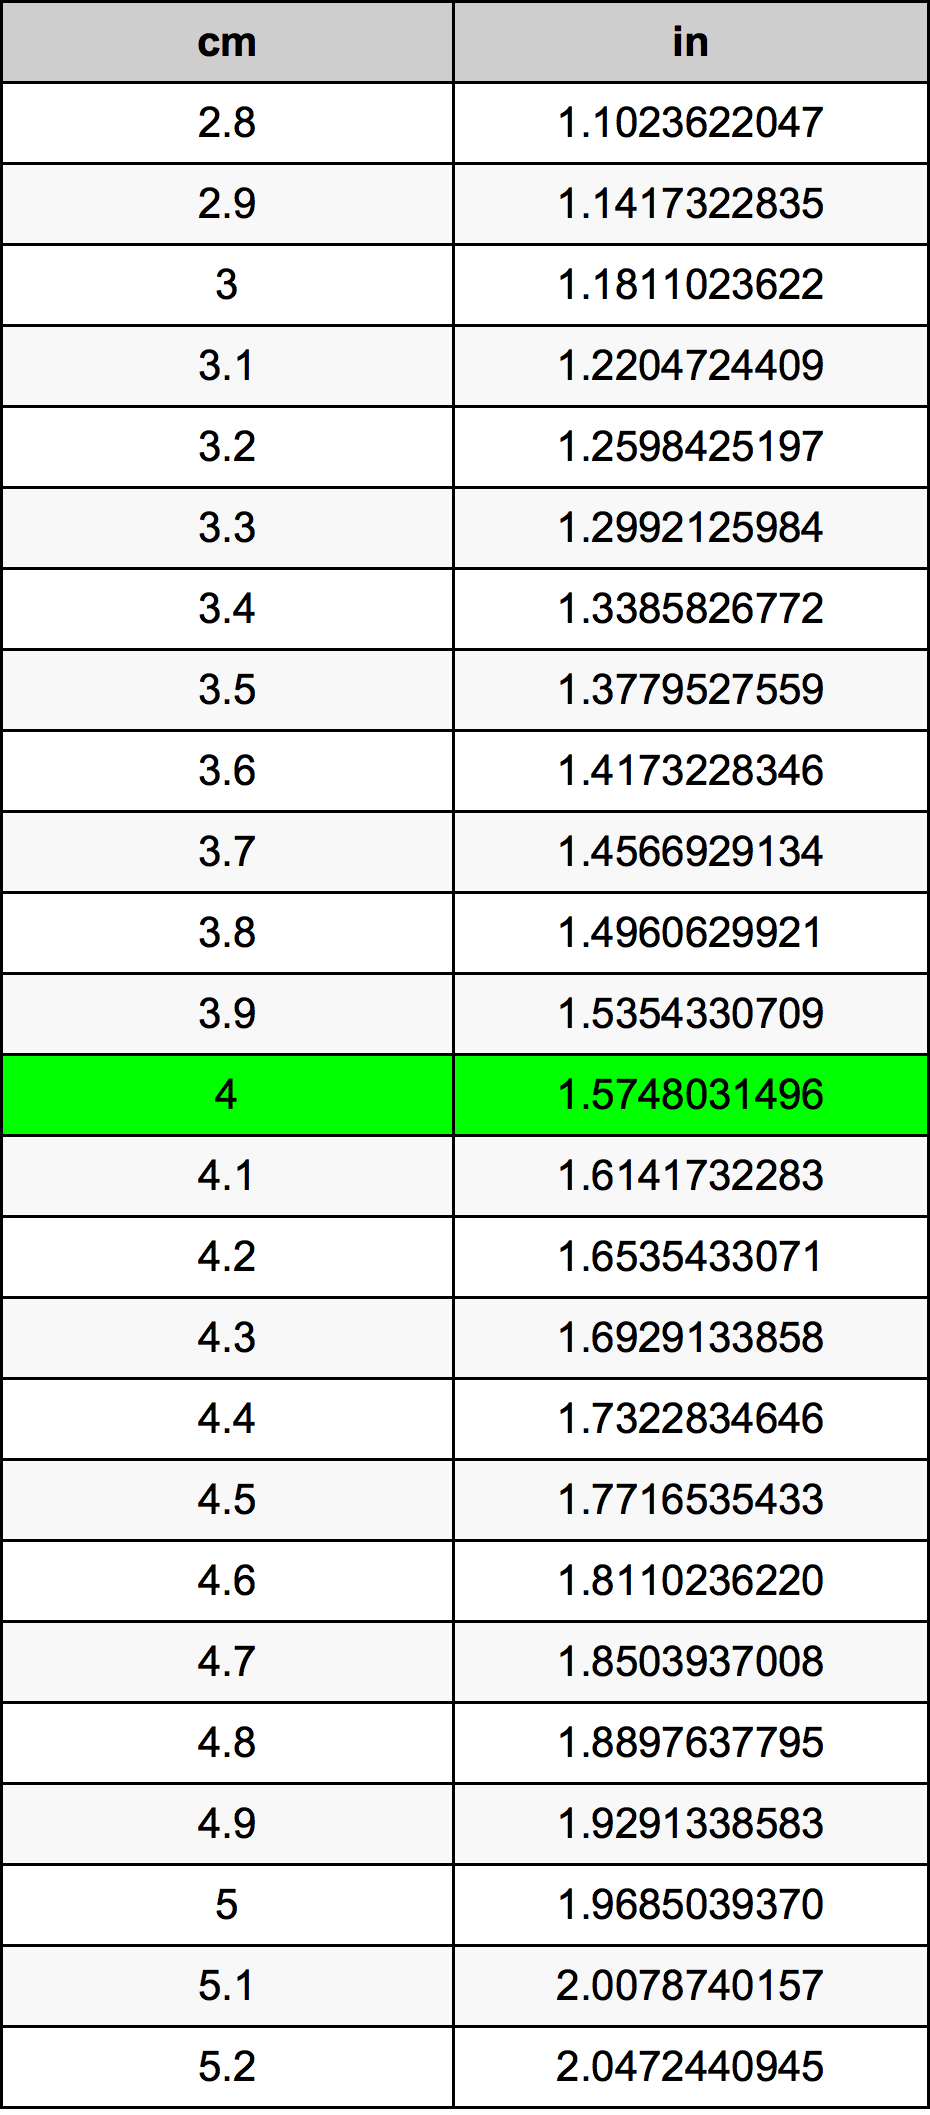 4 Centimetras konversijos lentelę